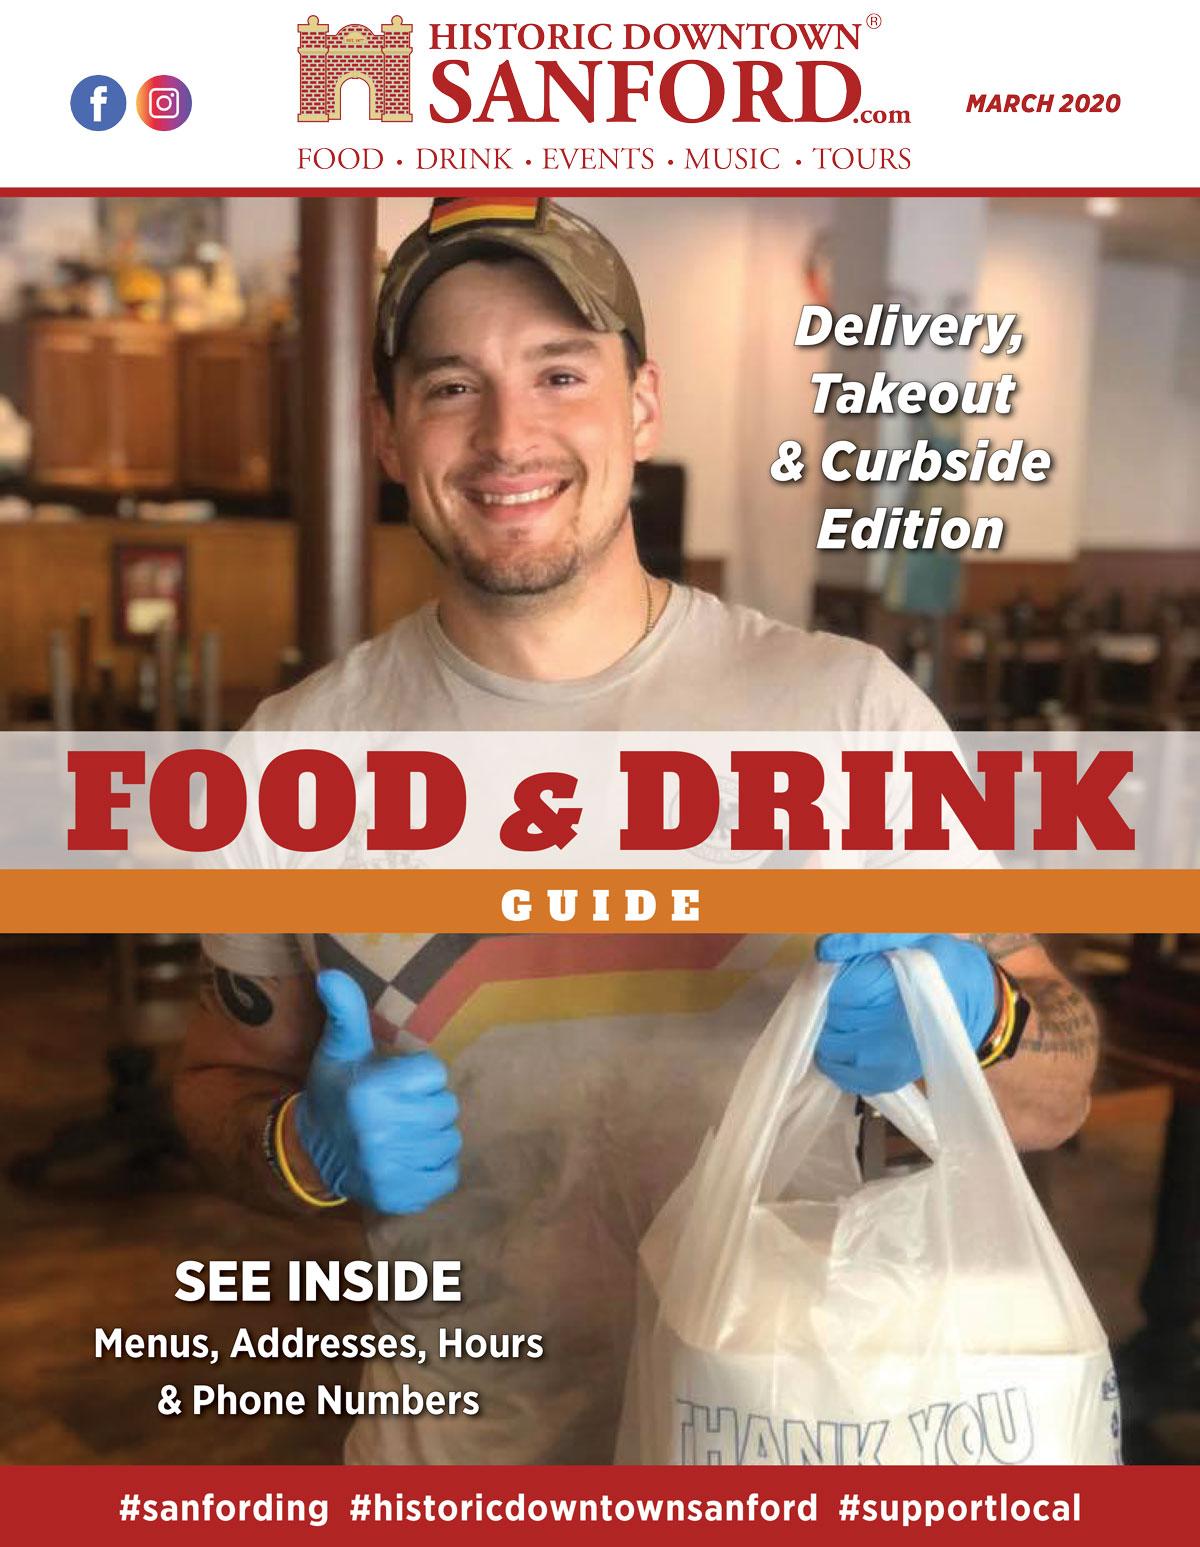 Sanford Florida Food & Drink Guide